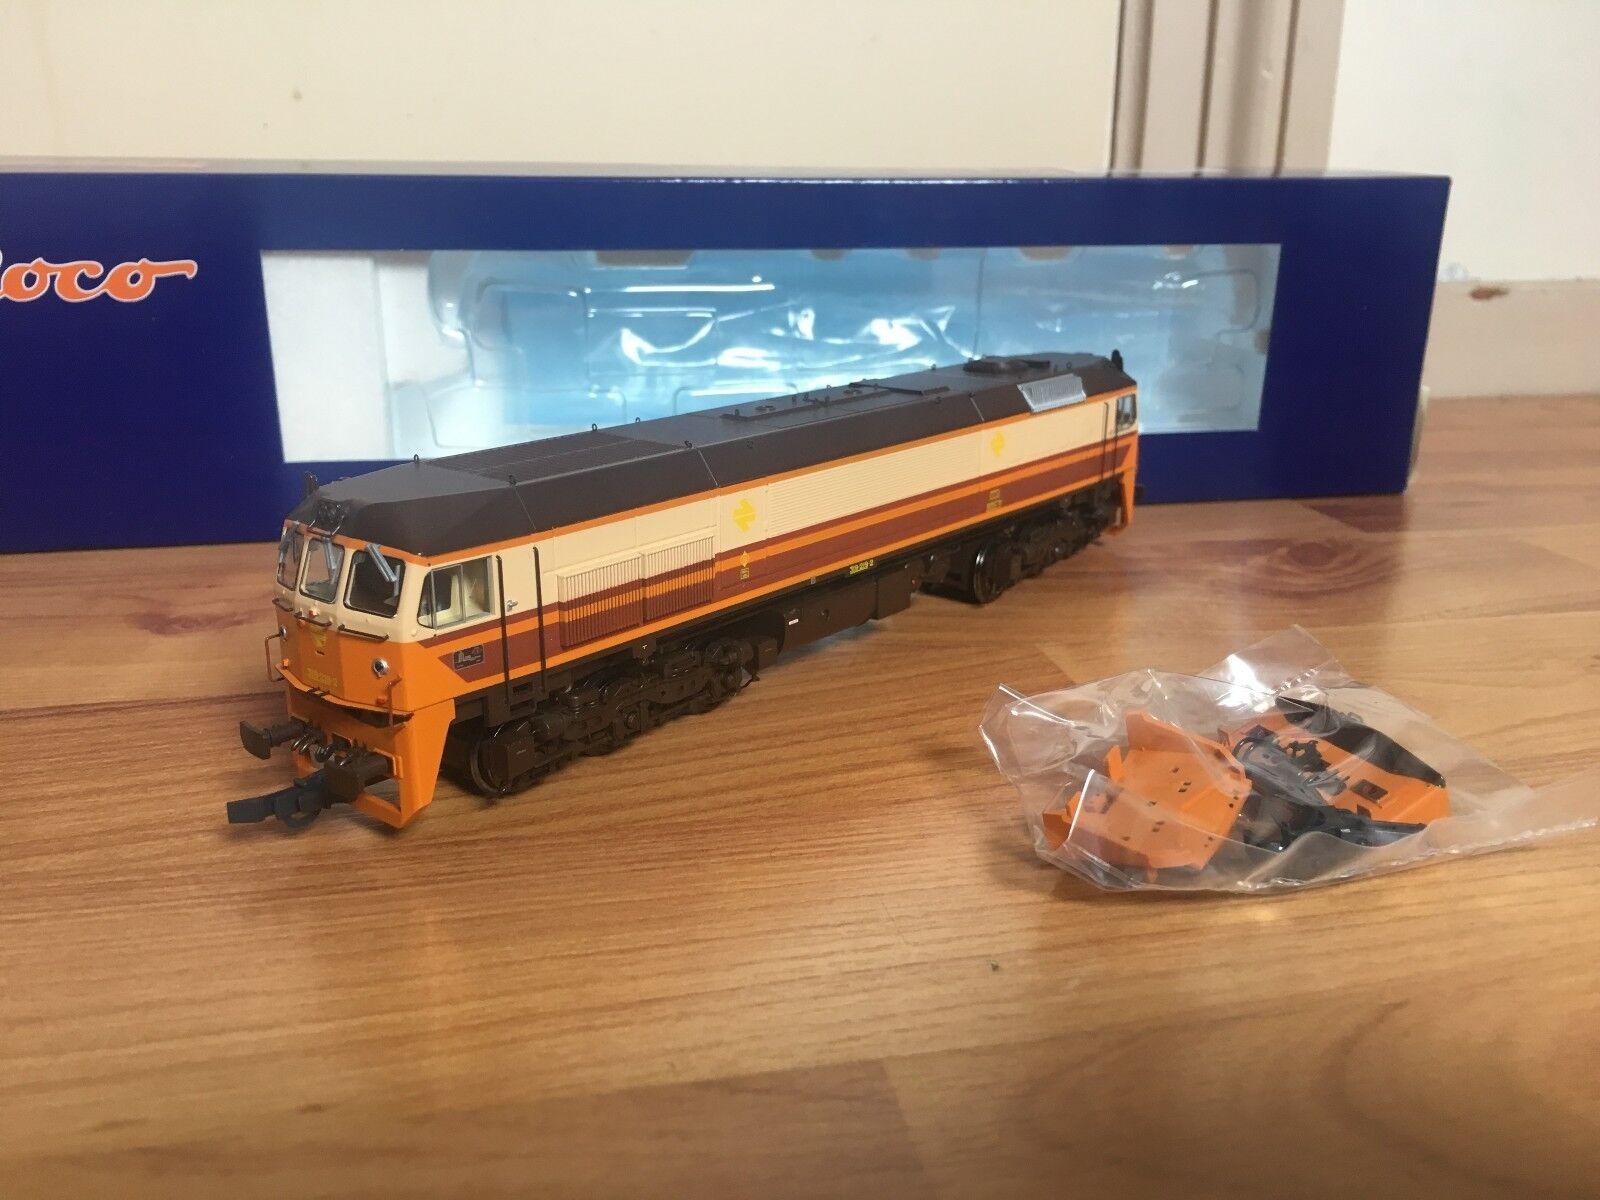 Roco 62955 Renfe 319 219-2 H0 DC Diesel locomotive